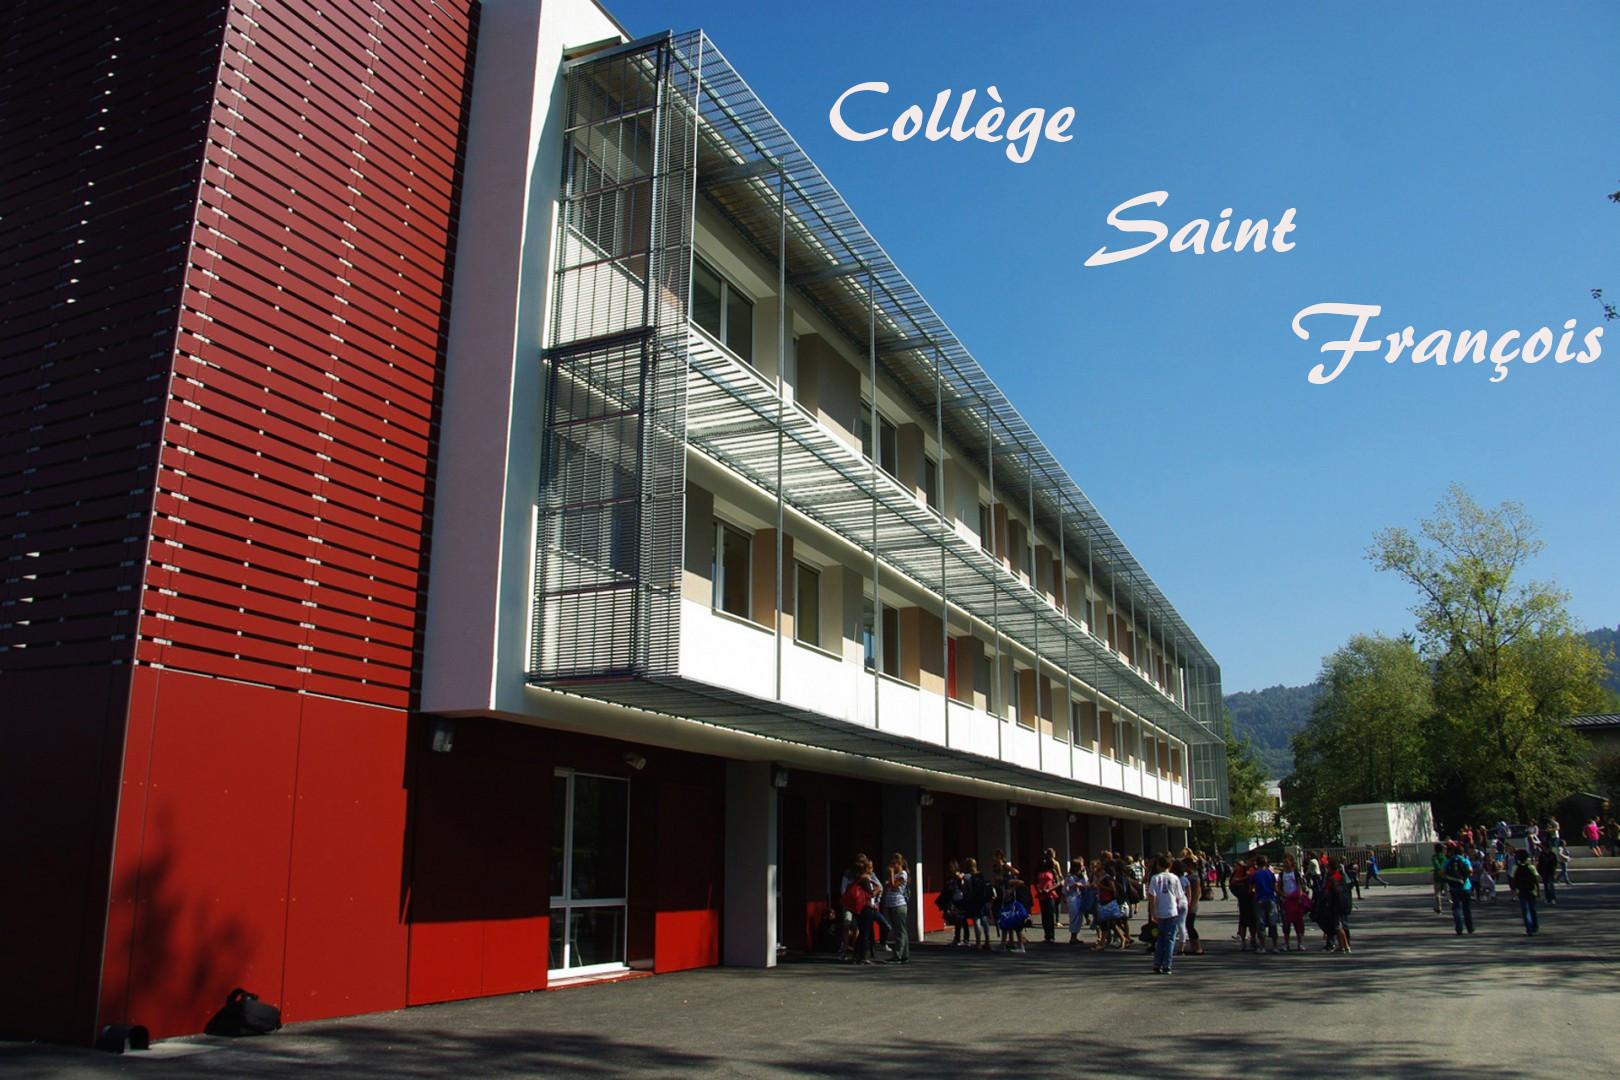 Ecole De Design Annecy ecoles et collège privés saint françois et saint pierre des